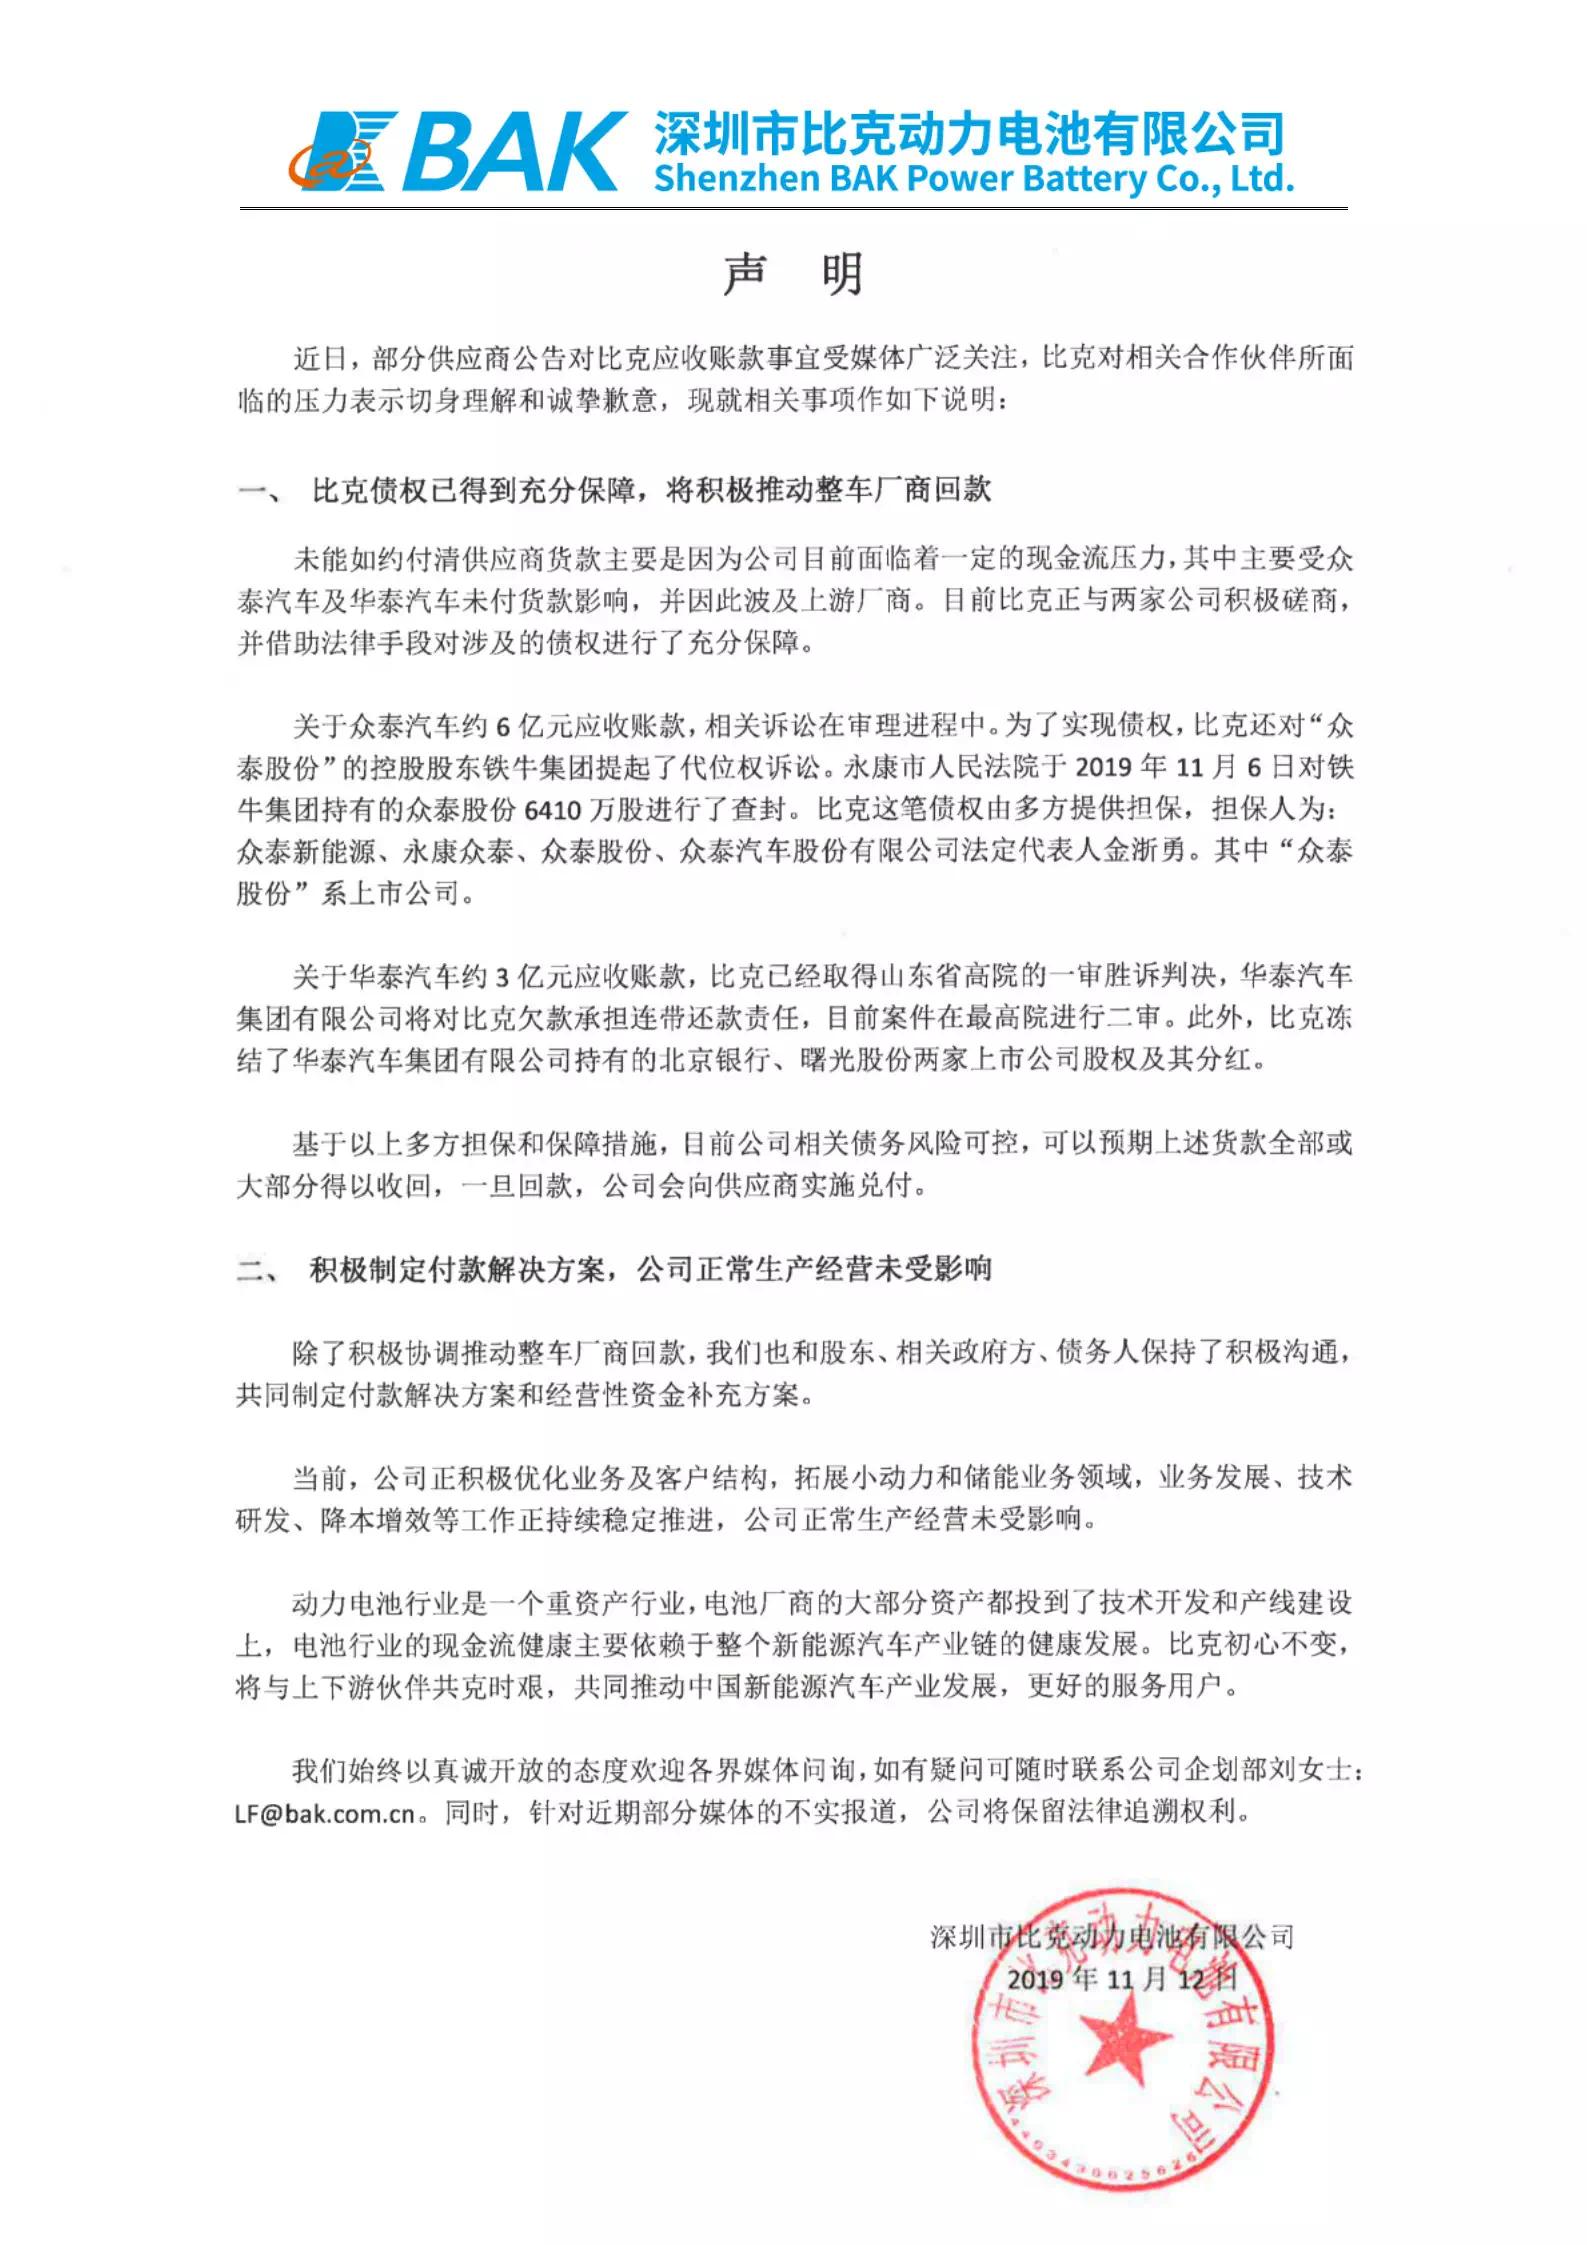 美政府再延长华为临时许可45天允许与美公司开展业务